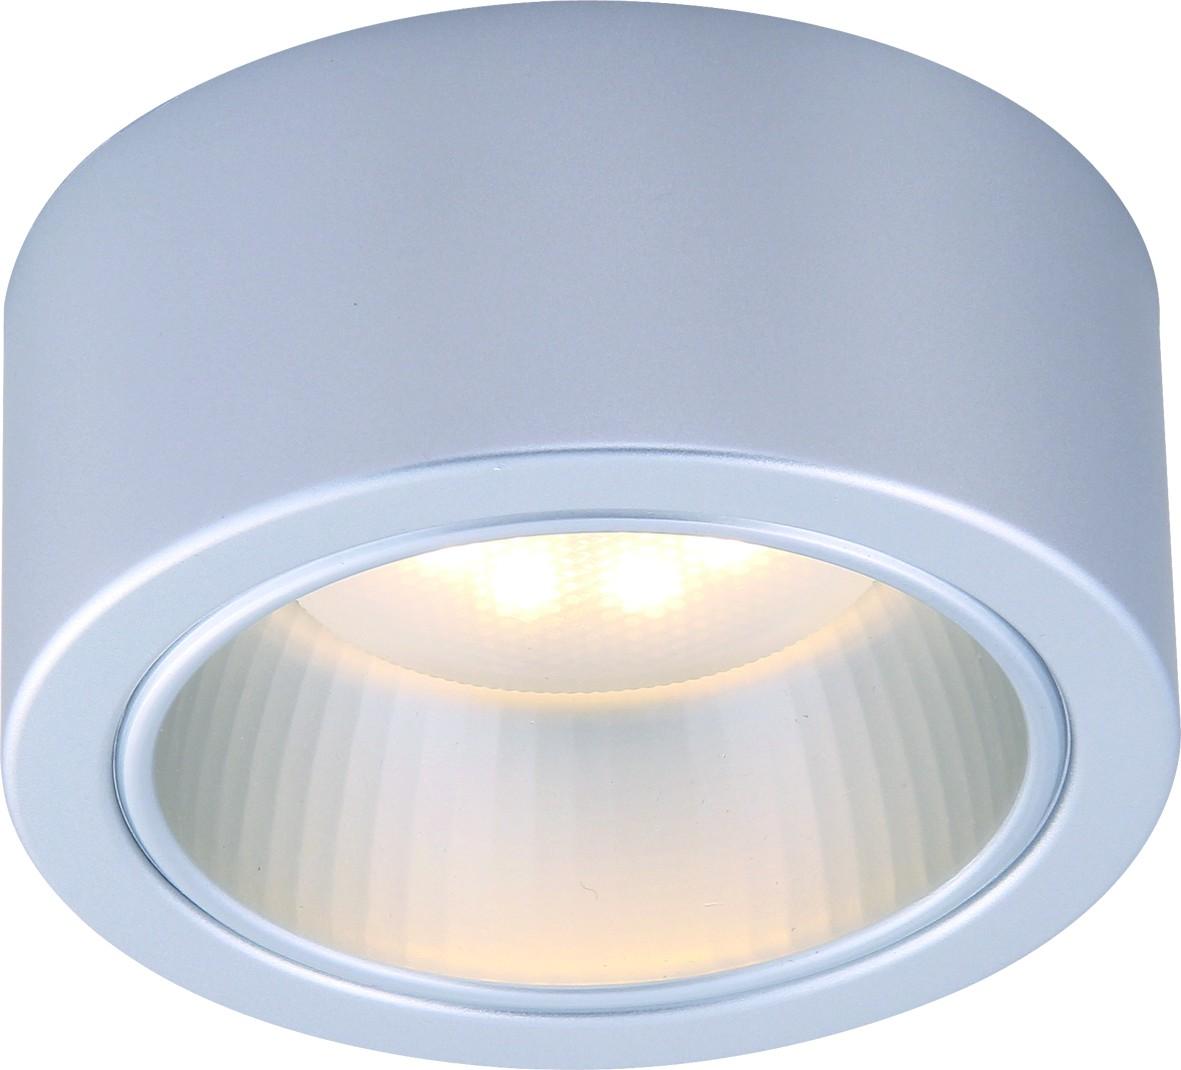 Светильник потолочный Arte Lamp Effetto. A5553PL-1GYA5553PL-1GYПотолочный светильник Arte Lamp Effetto поможет создать в вашем доме атмосферу уюта и комфорта. Благодаря высококачественным материалам он практичен в использовании и отлично работает на протяжении долгого периода времени. Лаконичный накладной спот круглой формы.Лампы: GX53; 1x11 W. Угол рассеивания света около 30 градусов. Тип крепления: на шурупах.